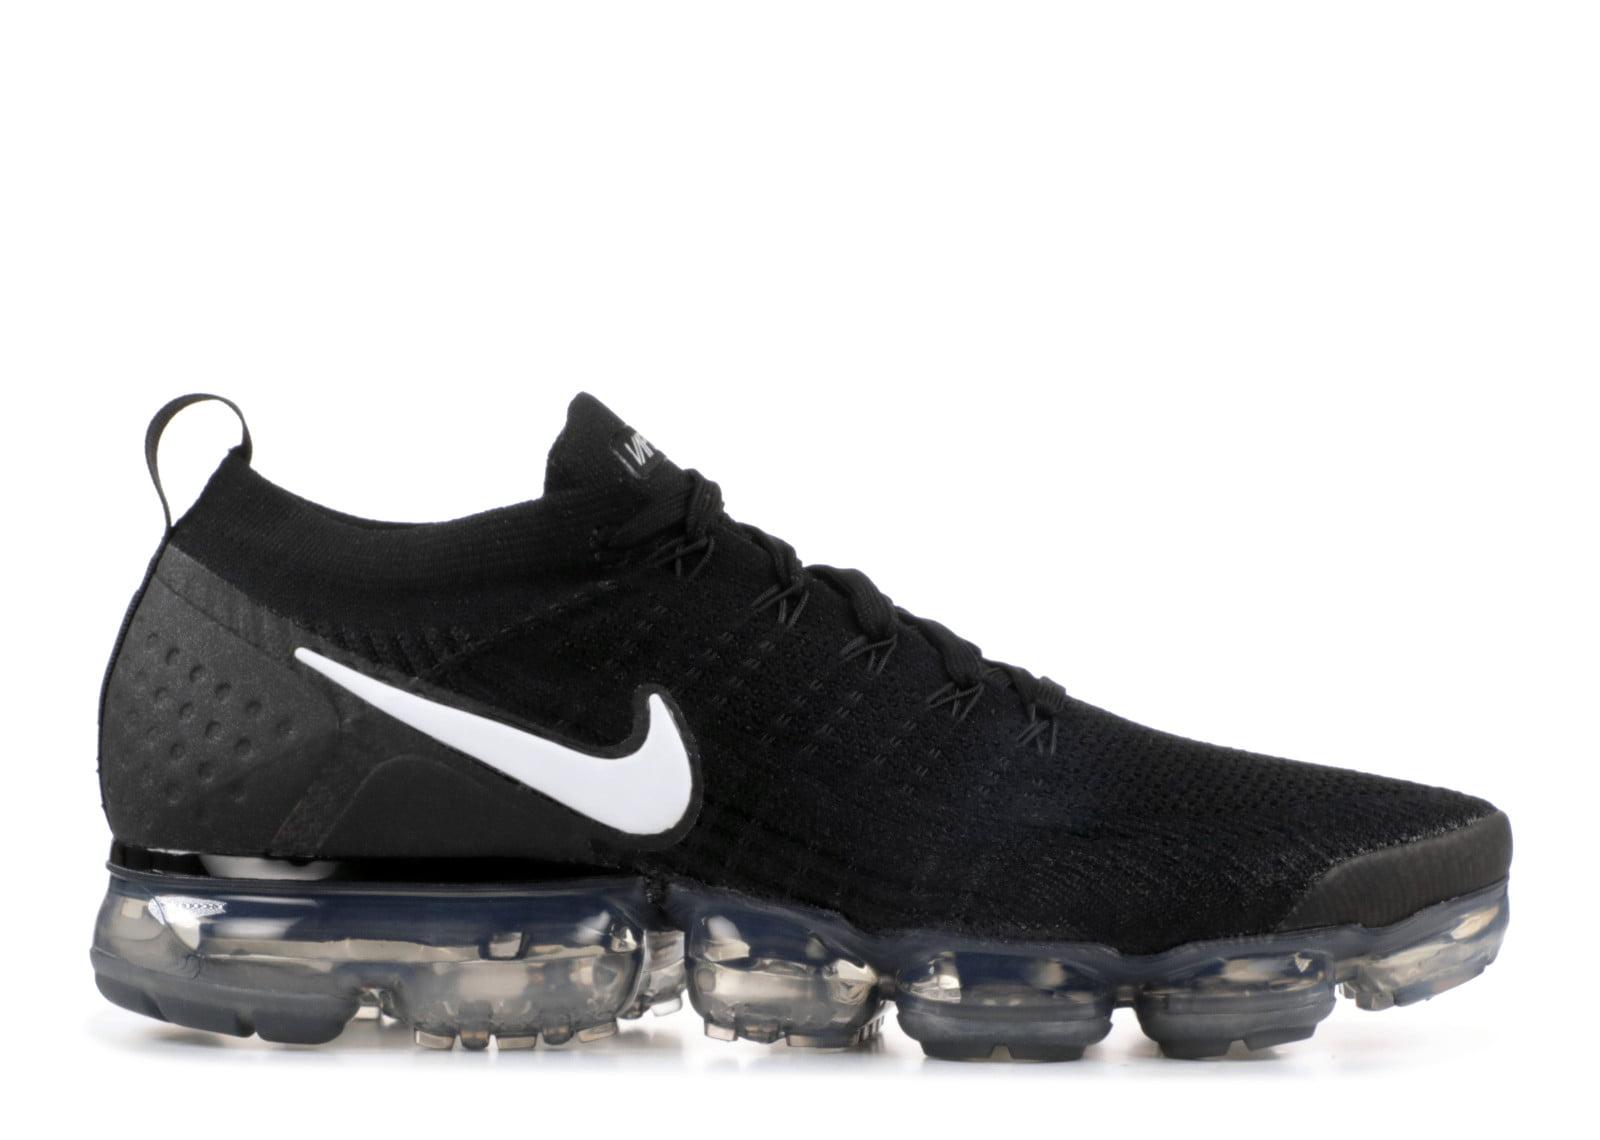 Nike - Men - Nike Air Vapormax Flyknit 2 - 942842-001 - Size 10.5 ... 013a1c0e4